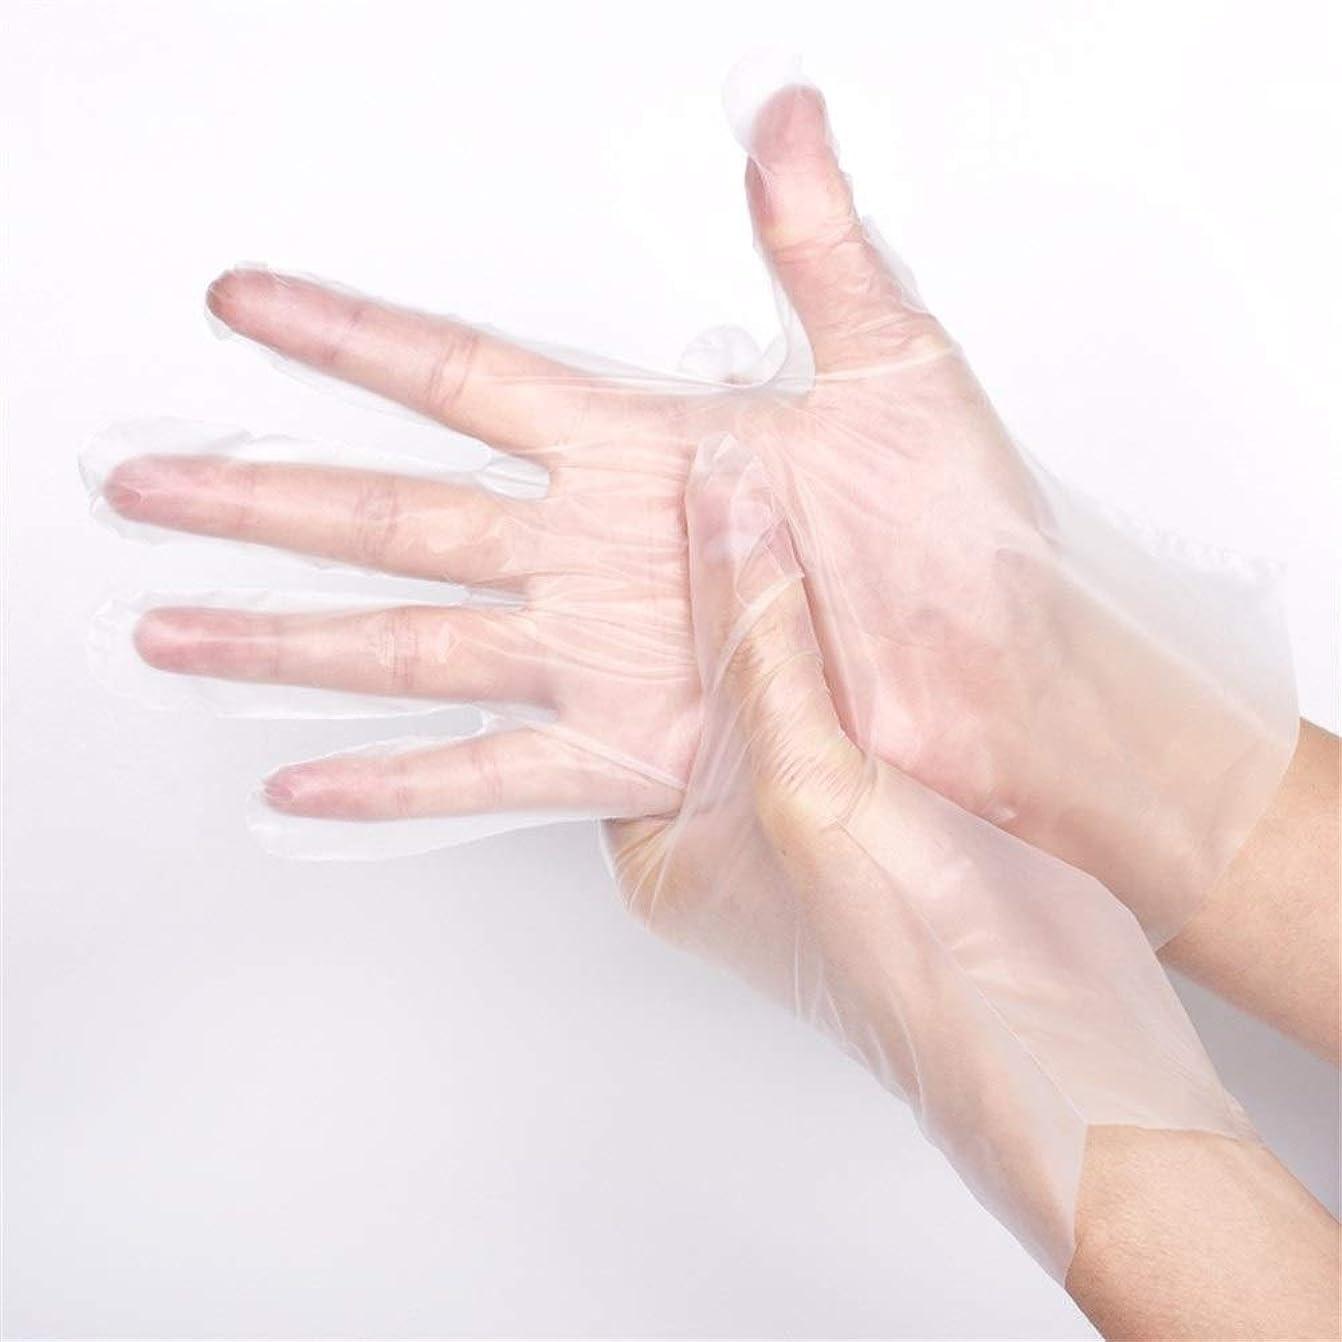 静けさ識字司法ニトリルゴム手袋 使い捨て手袋100厚ケータリング理髪プラスチックフィルム家庭用キッチン手袋、100 /箱 使い捨て手袋 (Color : Blue, Size : M)